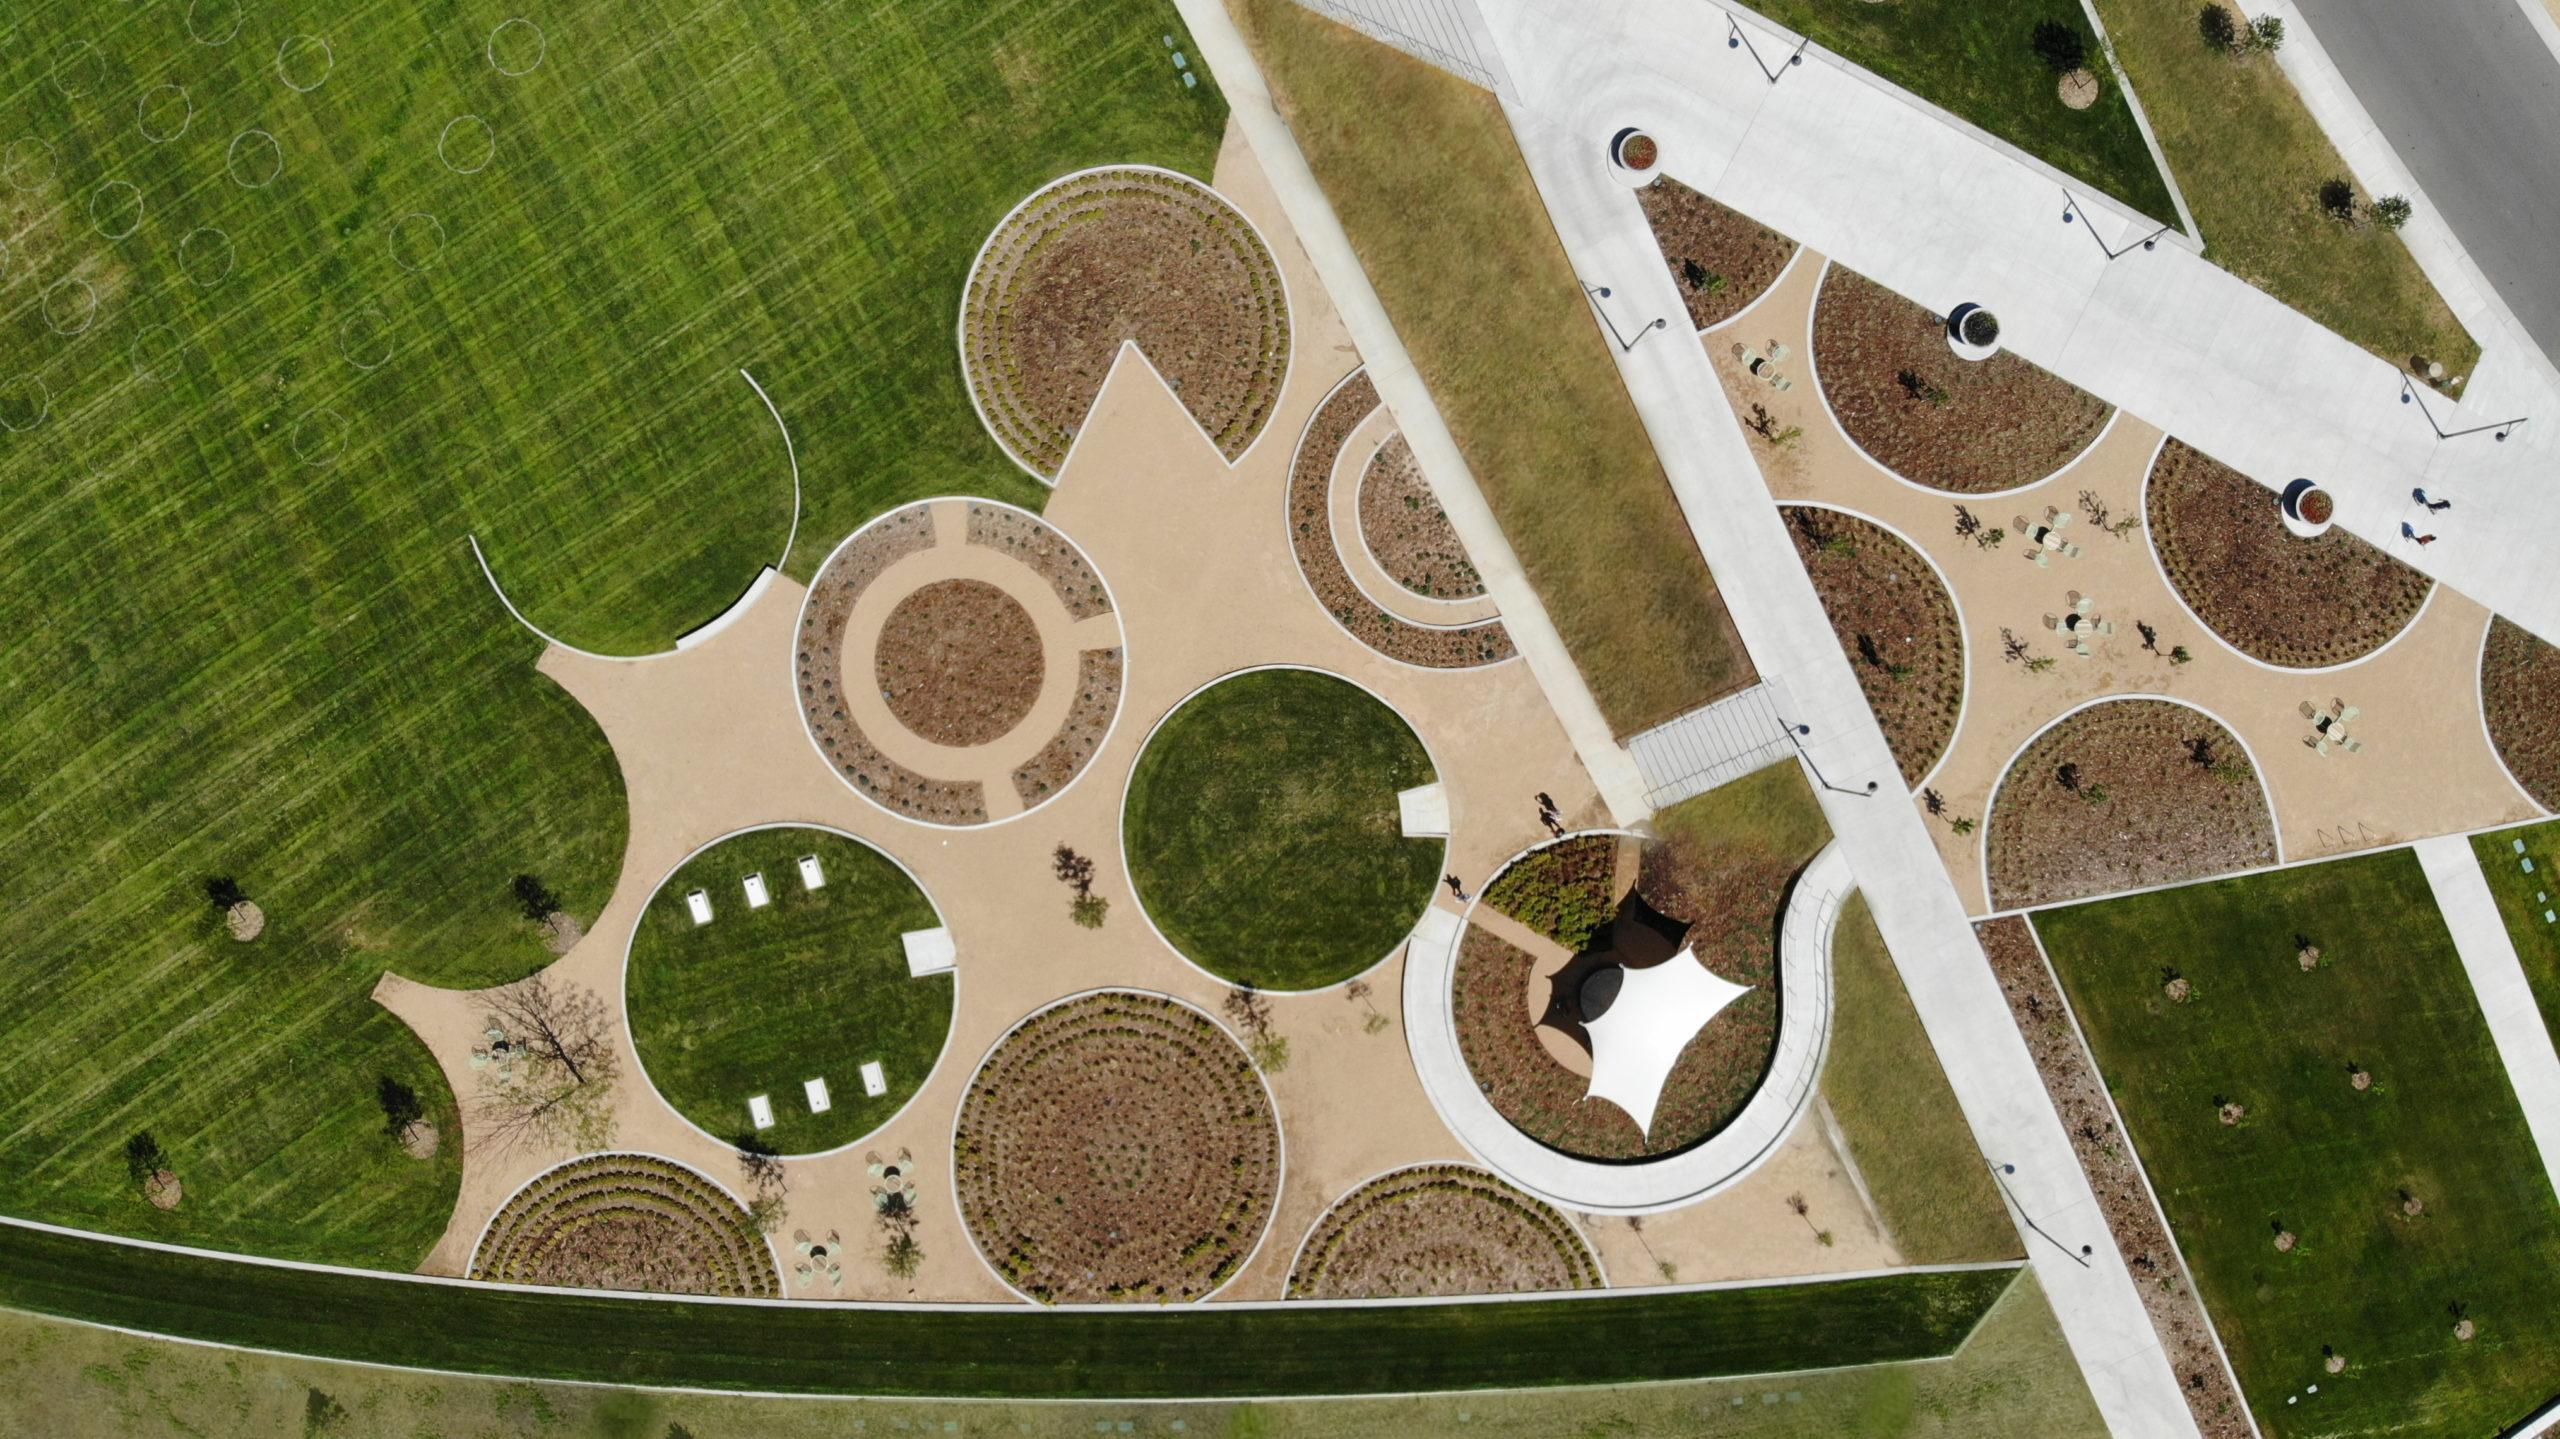 Crop Circle Gardens at High Prairie Park